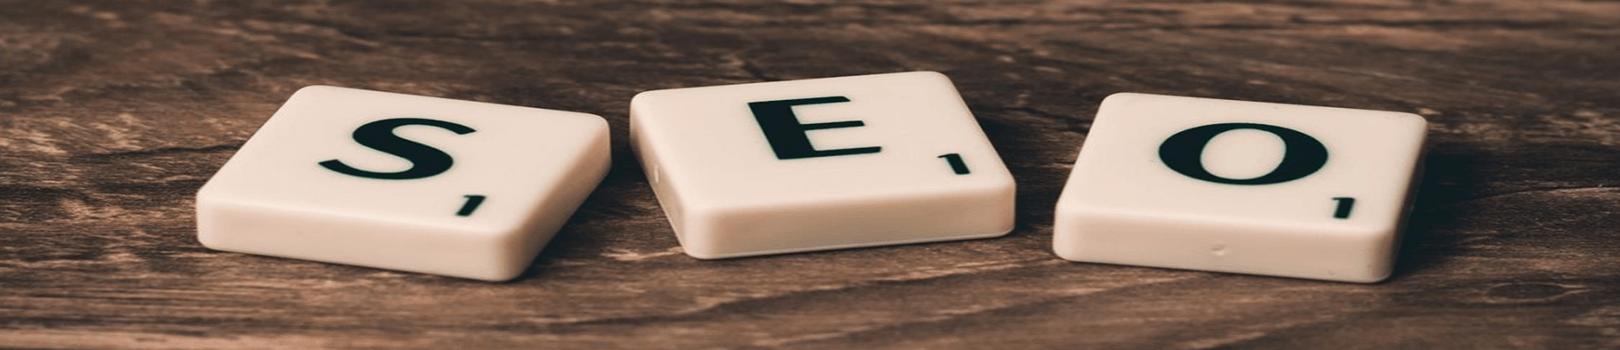 scrabble tiles that spell SEO